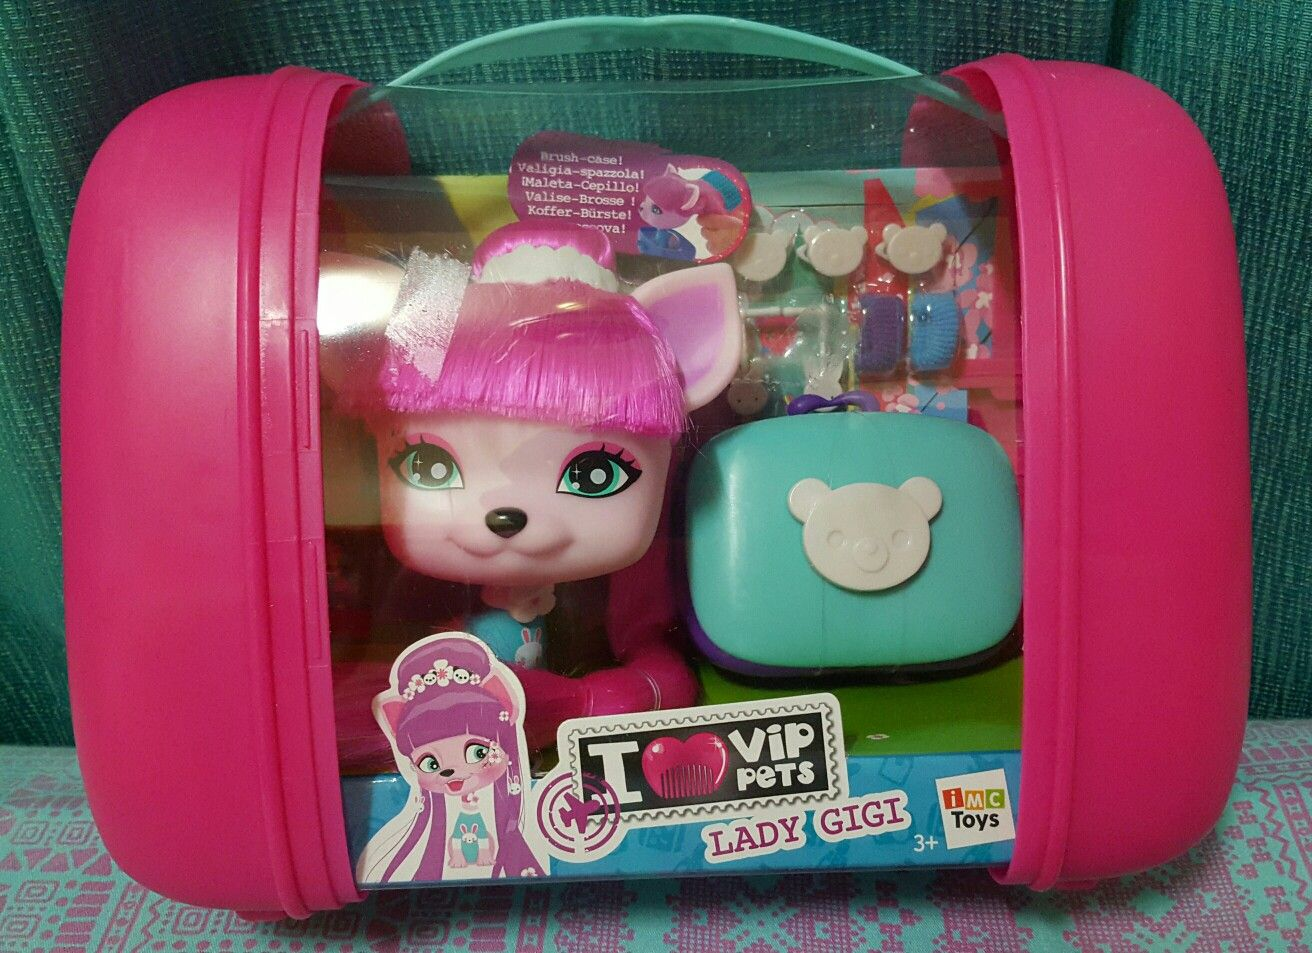 I Love Vip Pets Lady Gigi Mc Toys Pets Toys